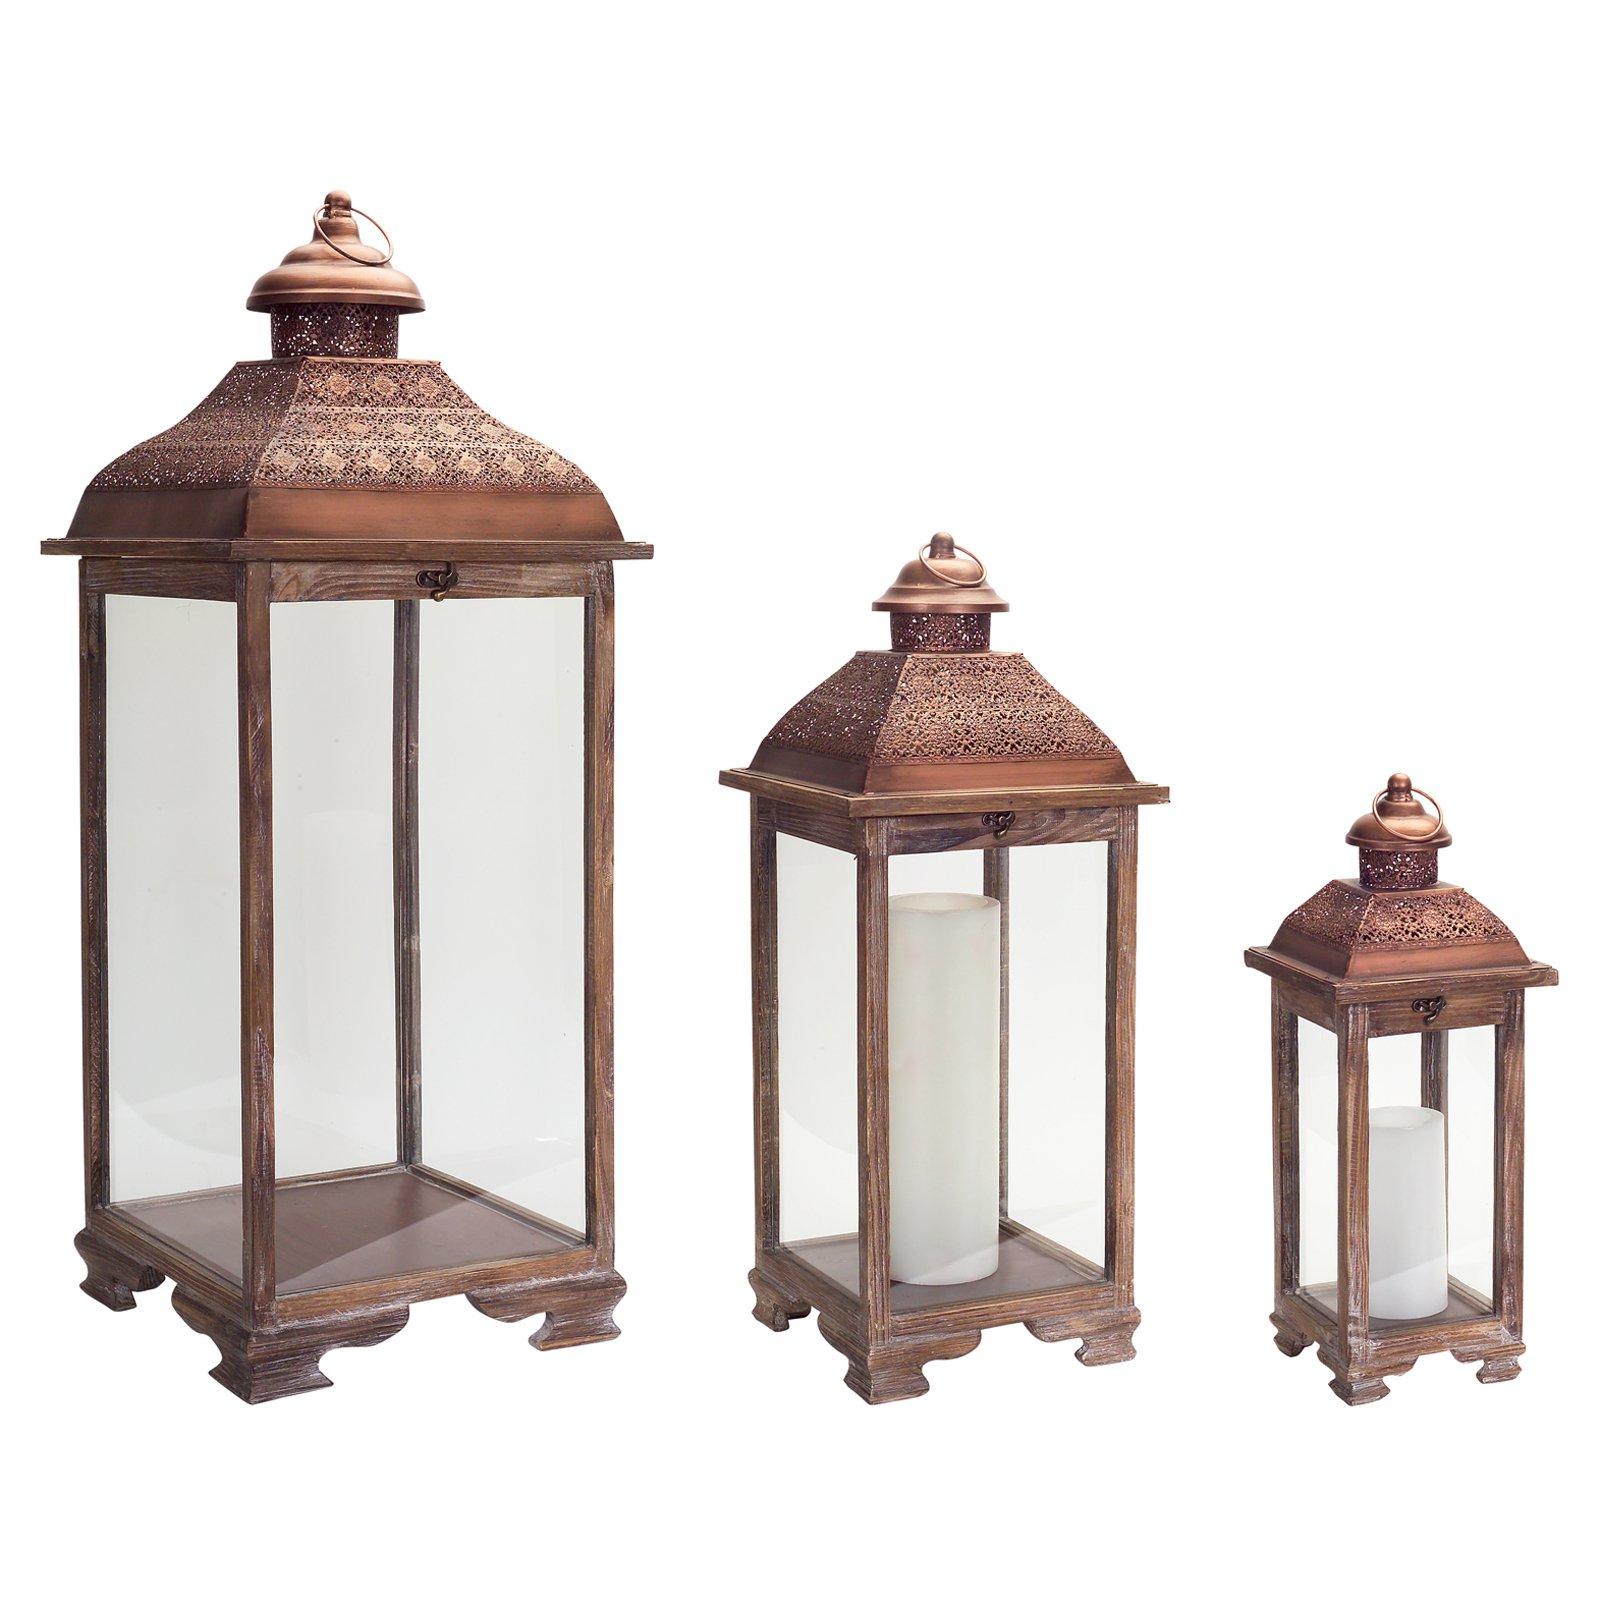 Melrose International Standard Lantern - Set of 3